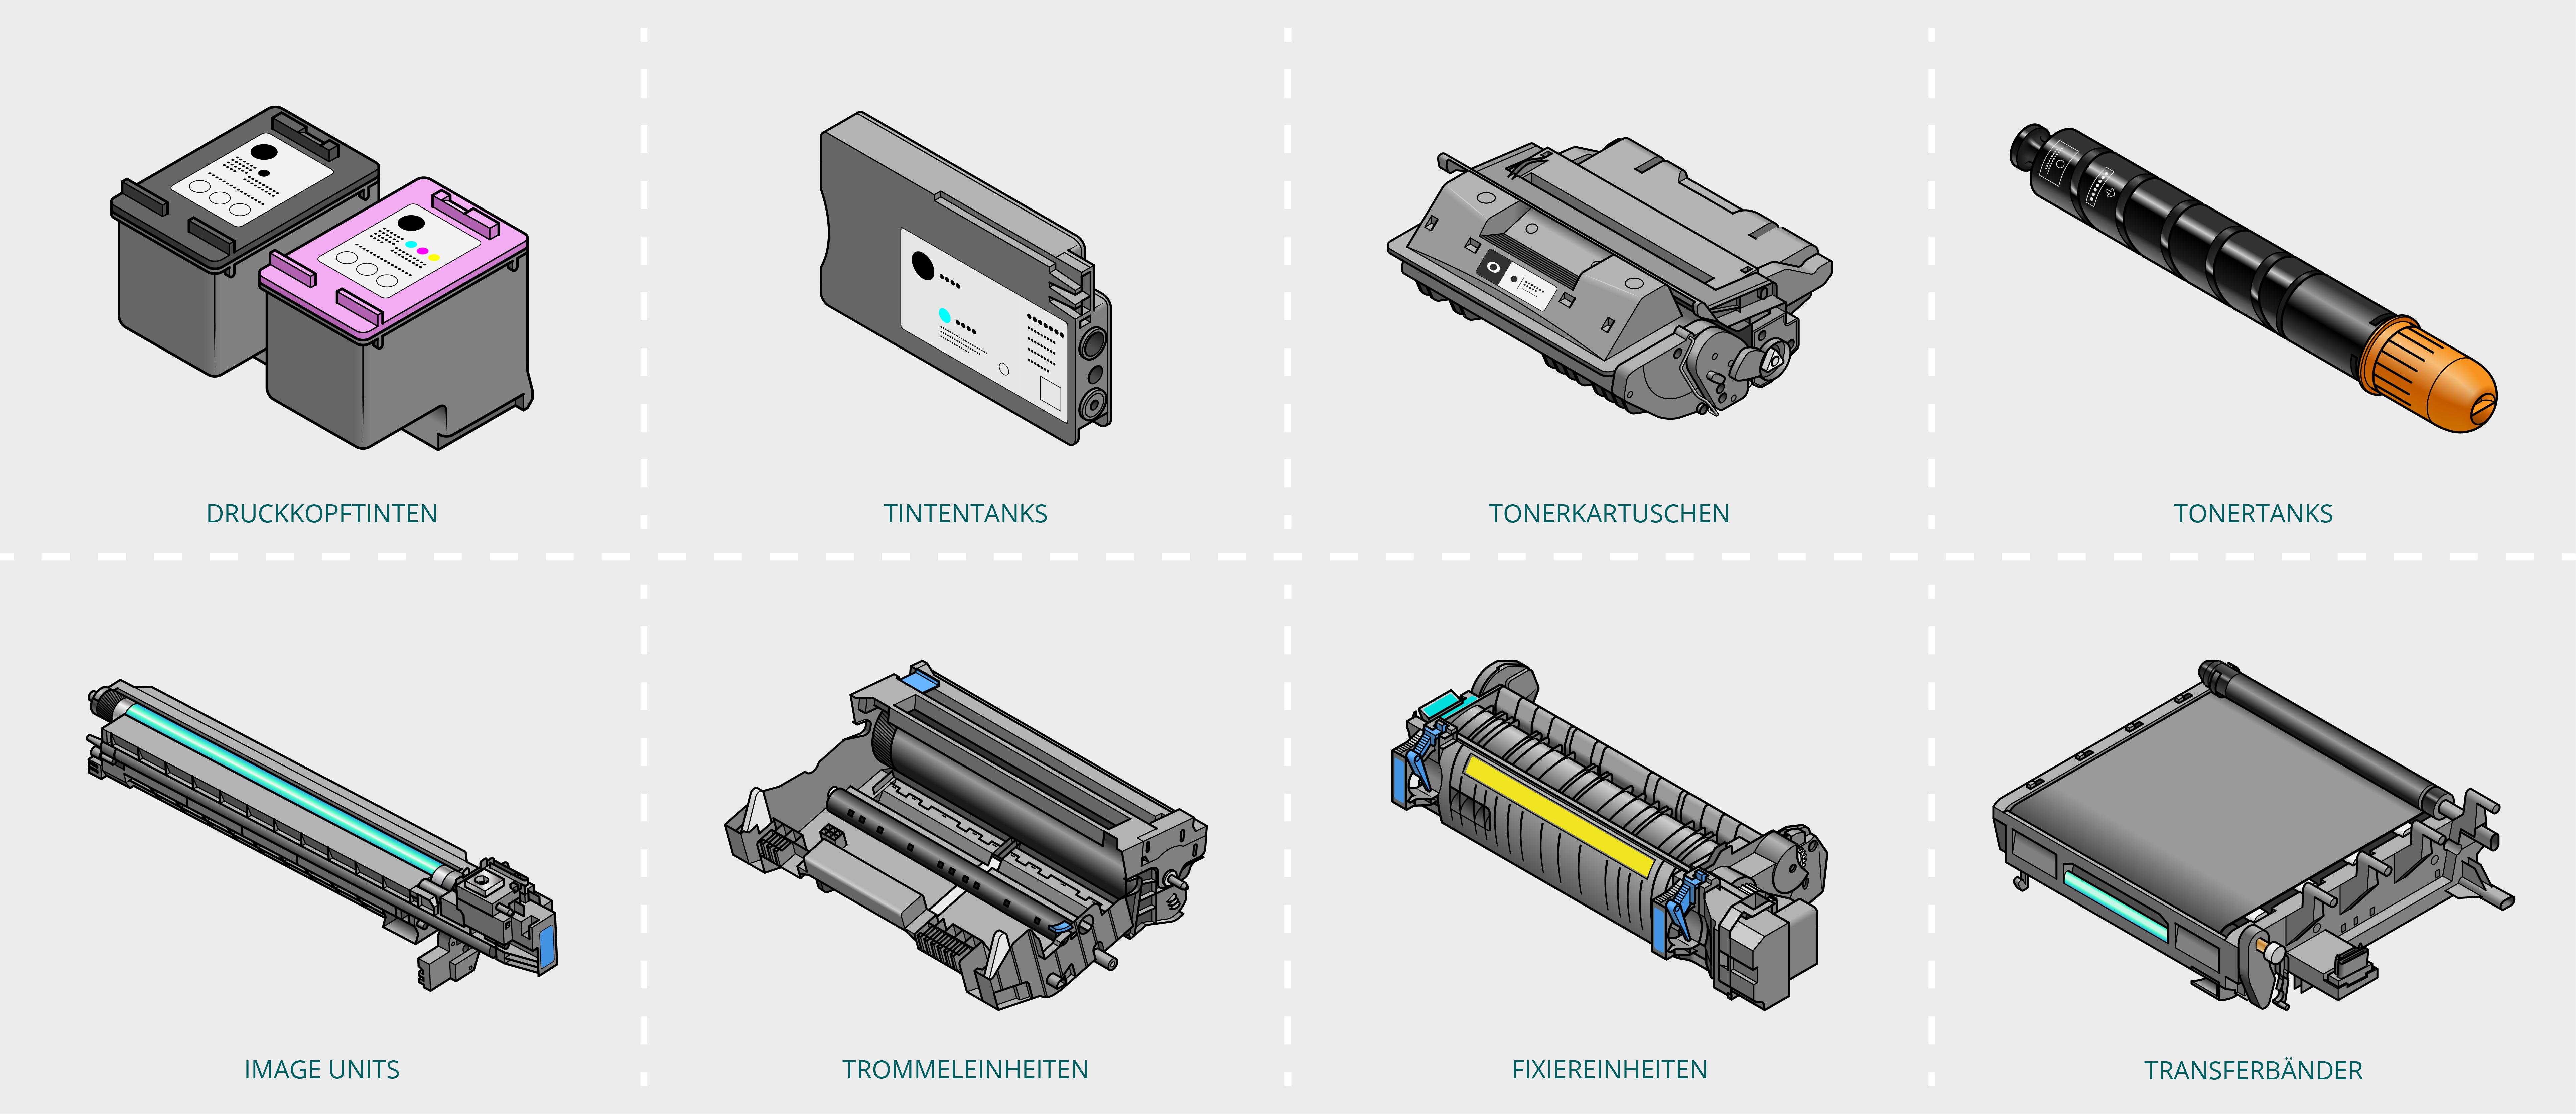 Welches Leergut wird gesammelt? Sämtliches Druckerverbrauchsmaterial wie z. B. Druckkopftinten, Tintentanks, Tonerkartuschen, Tonertanks, Image Units, Trommeleinheiten, Fixiereinheiten, Transferbänder, etc.